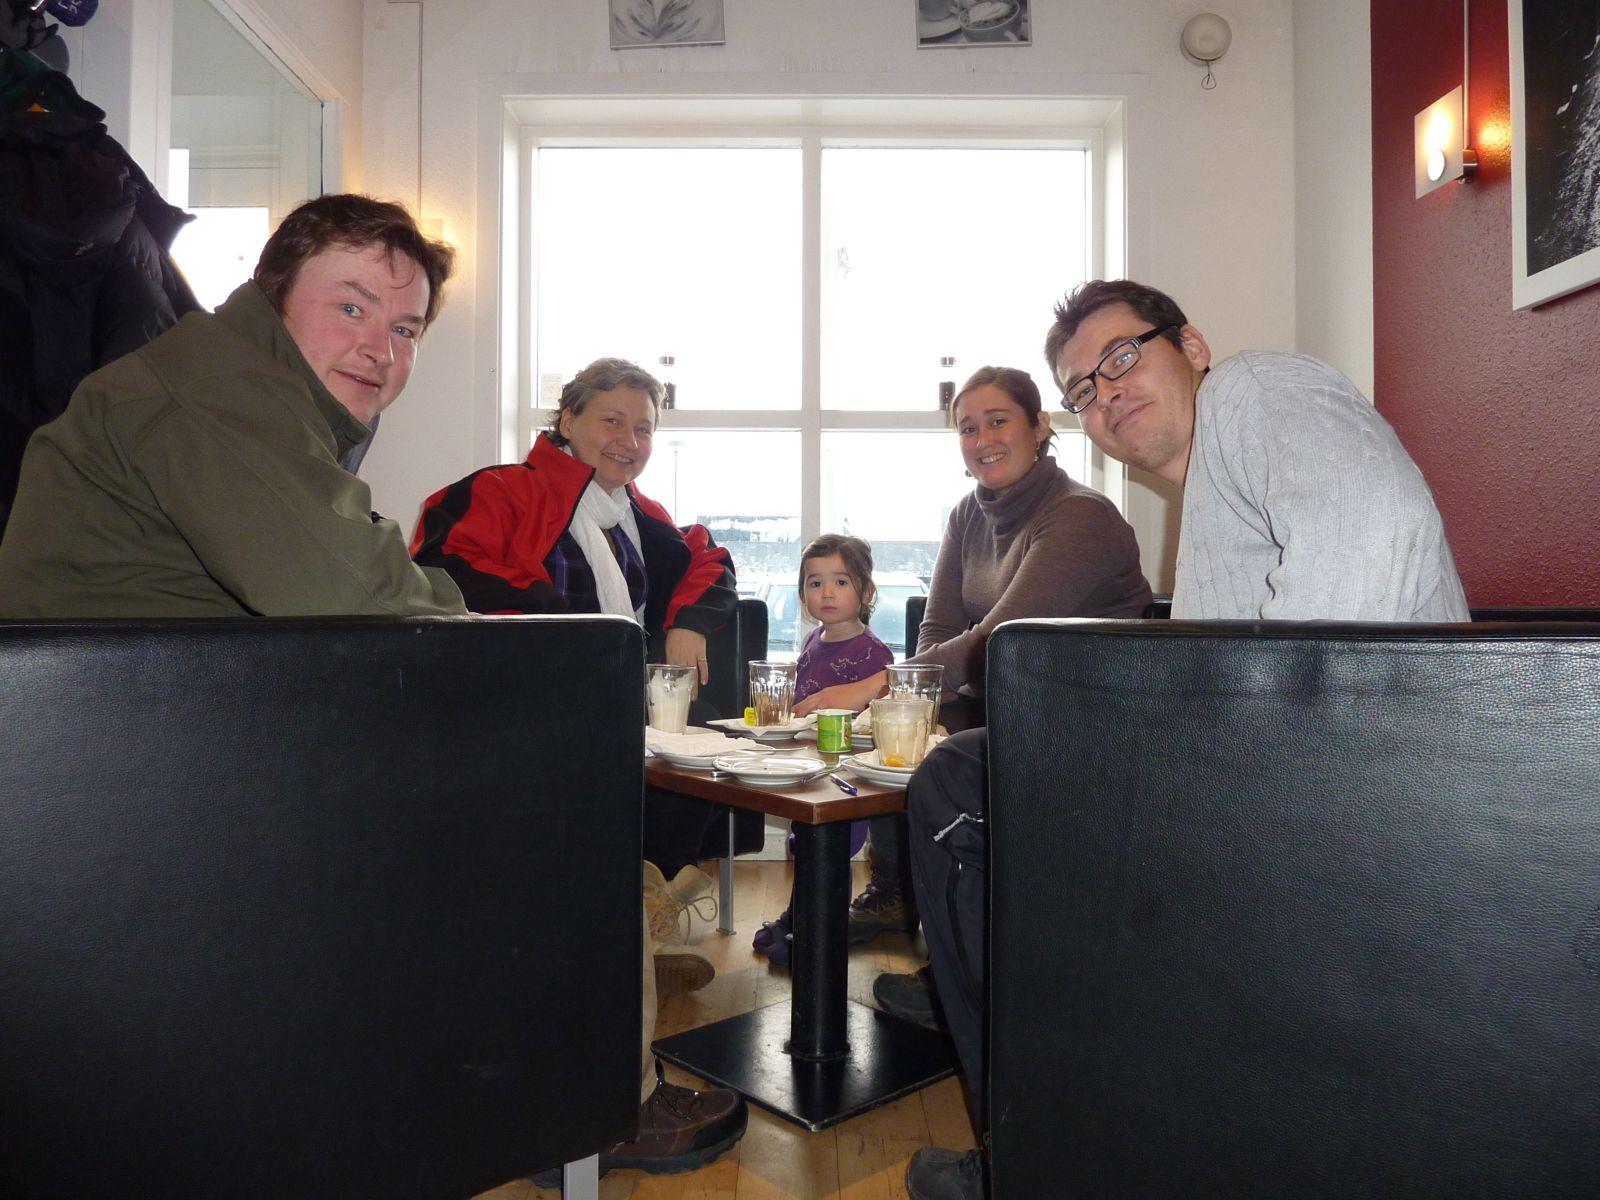 2010-11-20-1312_-_Jesper Eugenius Labansen; Maritha Eugenius Labansen; Mette Labansen; Qupanuk Eugenius Labansen; Sør